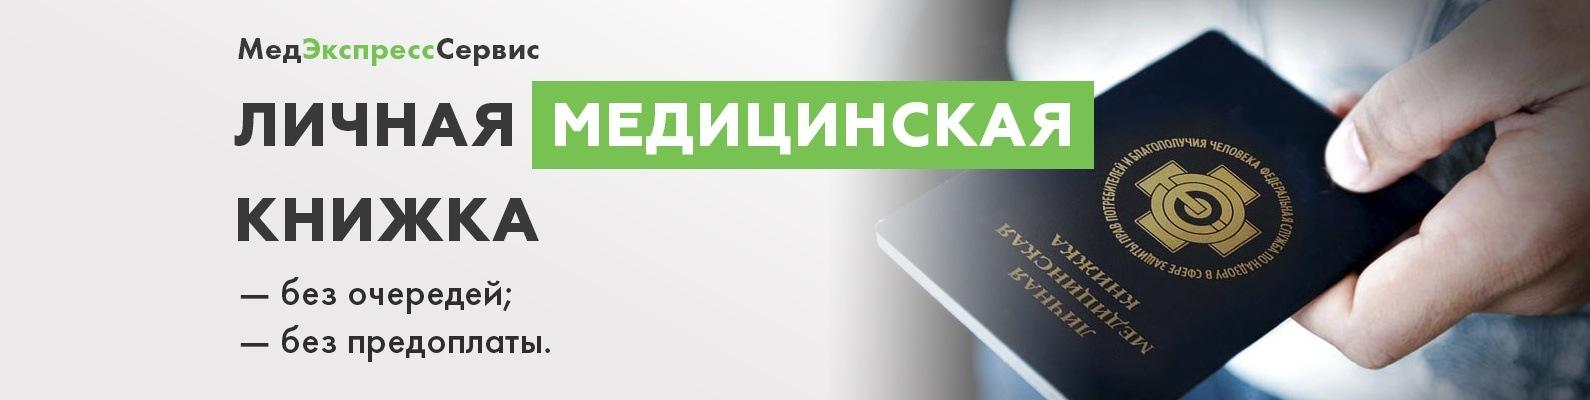 Медицинская книжка тамбов постановка на миграционный учет граждан украины в россии